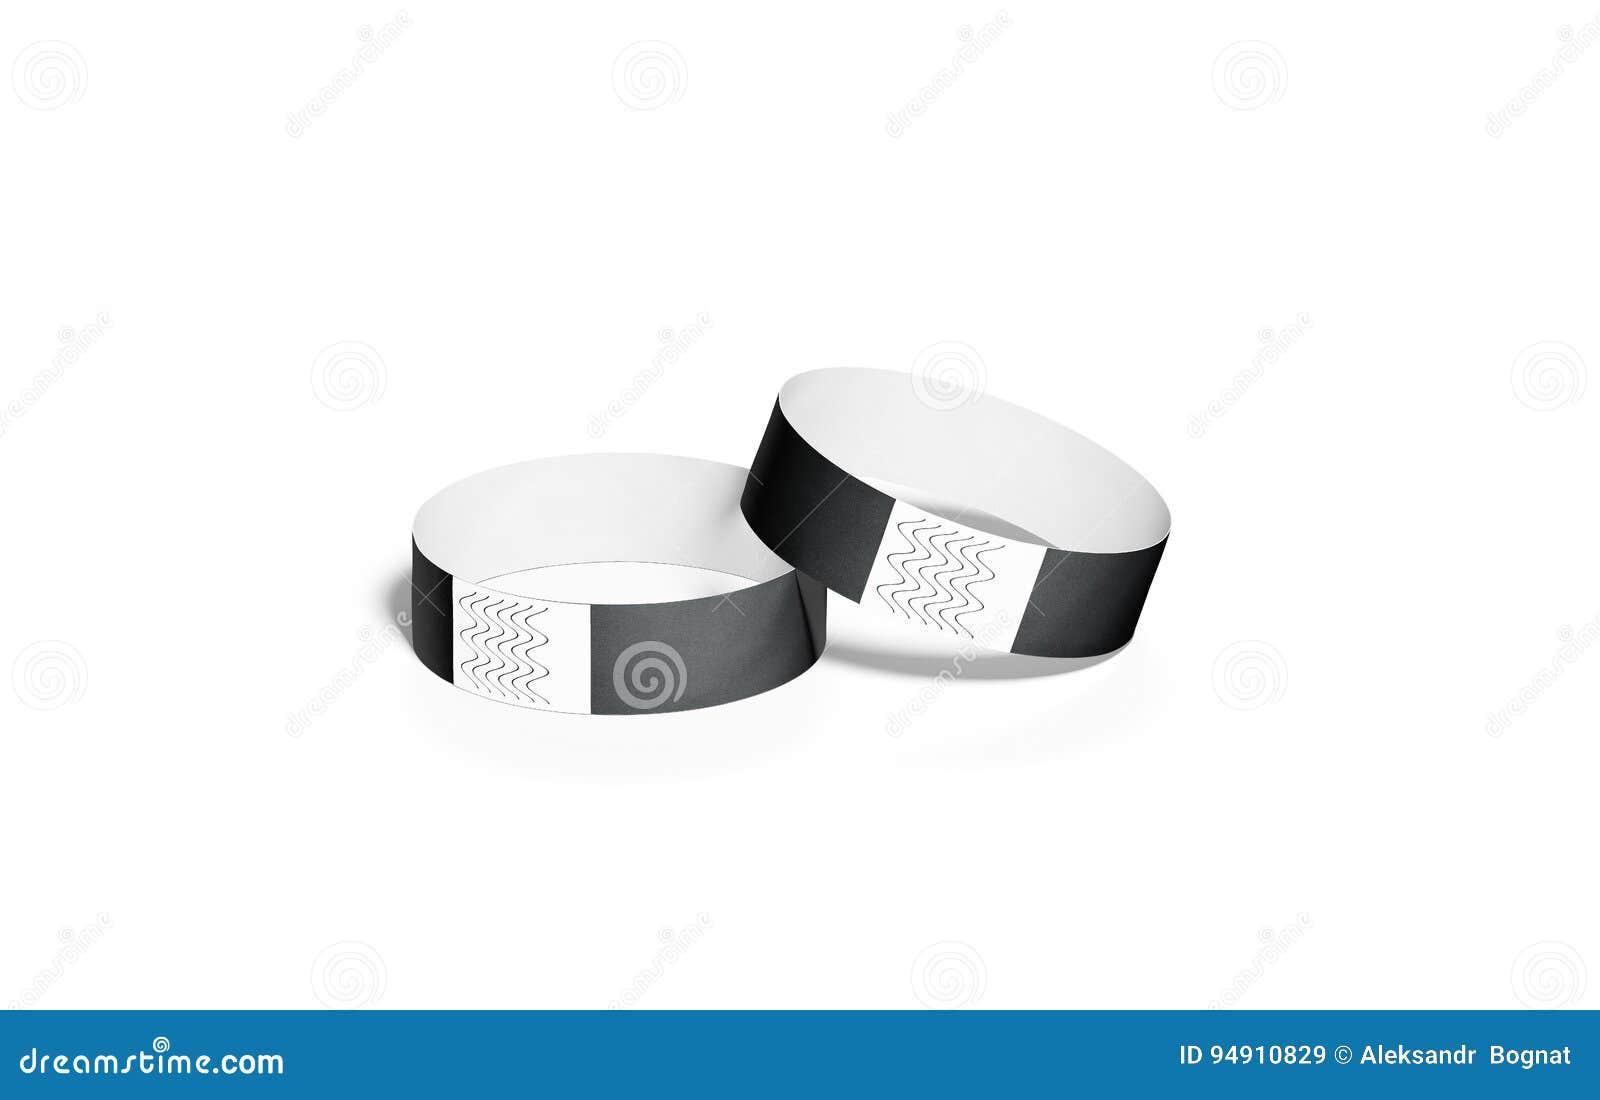 blank black paper wristbands mock ups 3d rendering stock illustration image 94910829. Black Bedroom Furniture Sets. Home Design Ideas